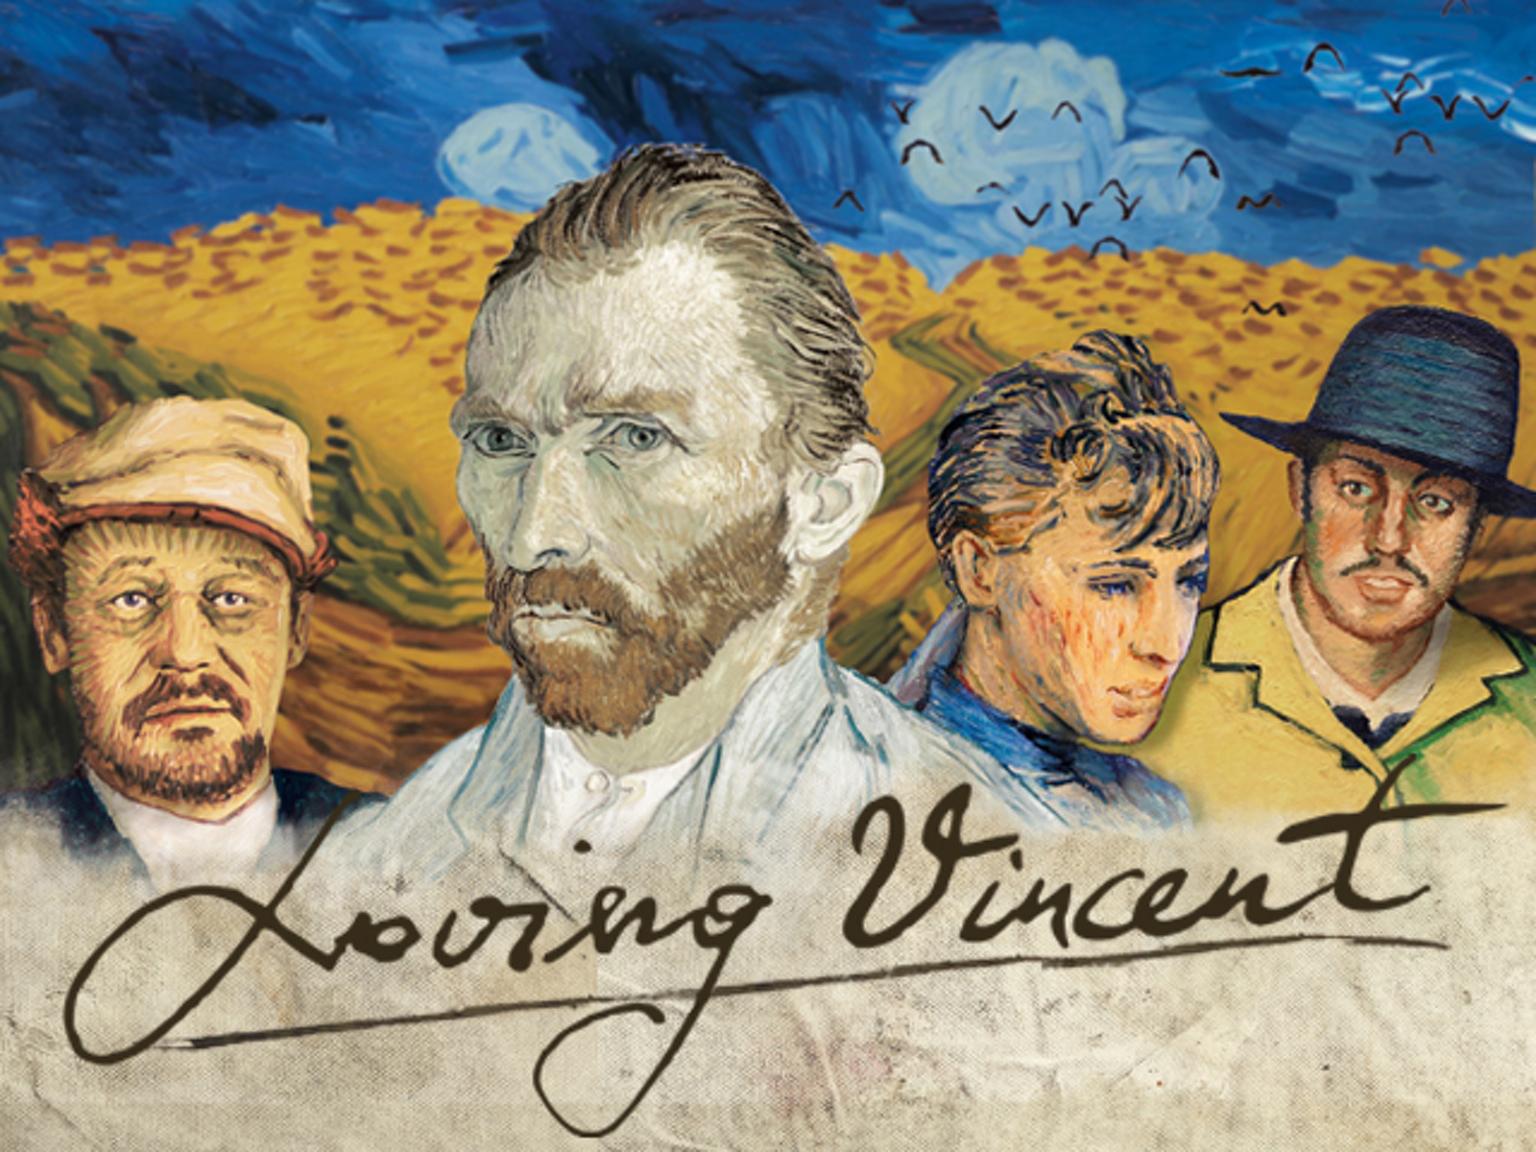 Loving Vincent - Một lần hiếm hoi, người ta thấy những cành diên vĩ lay động - Ảnh 1.